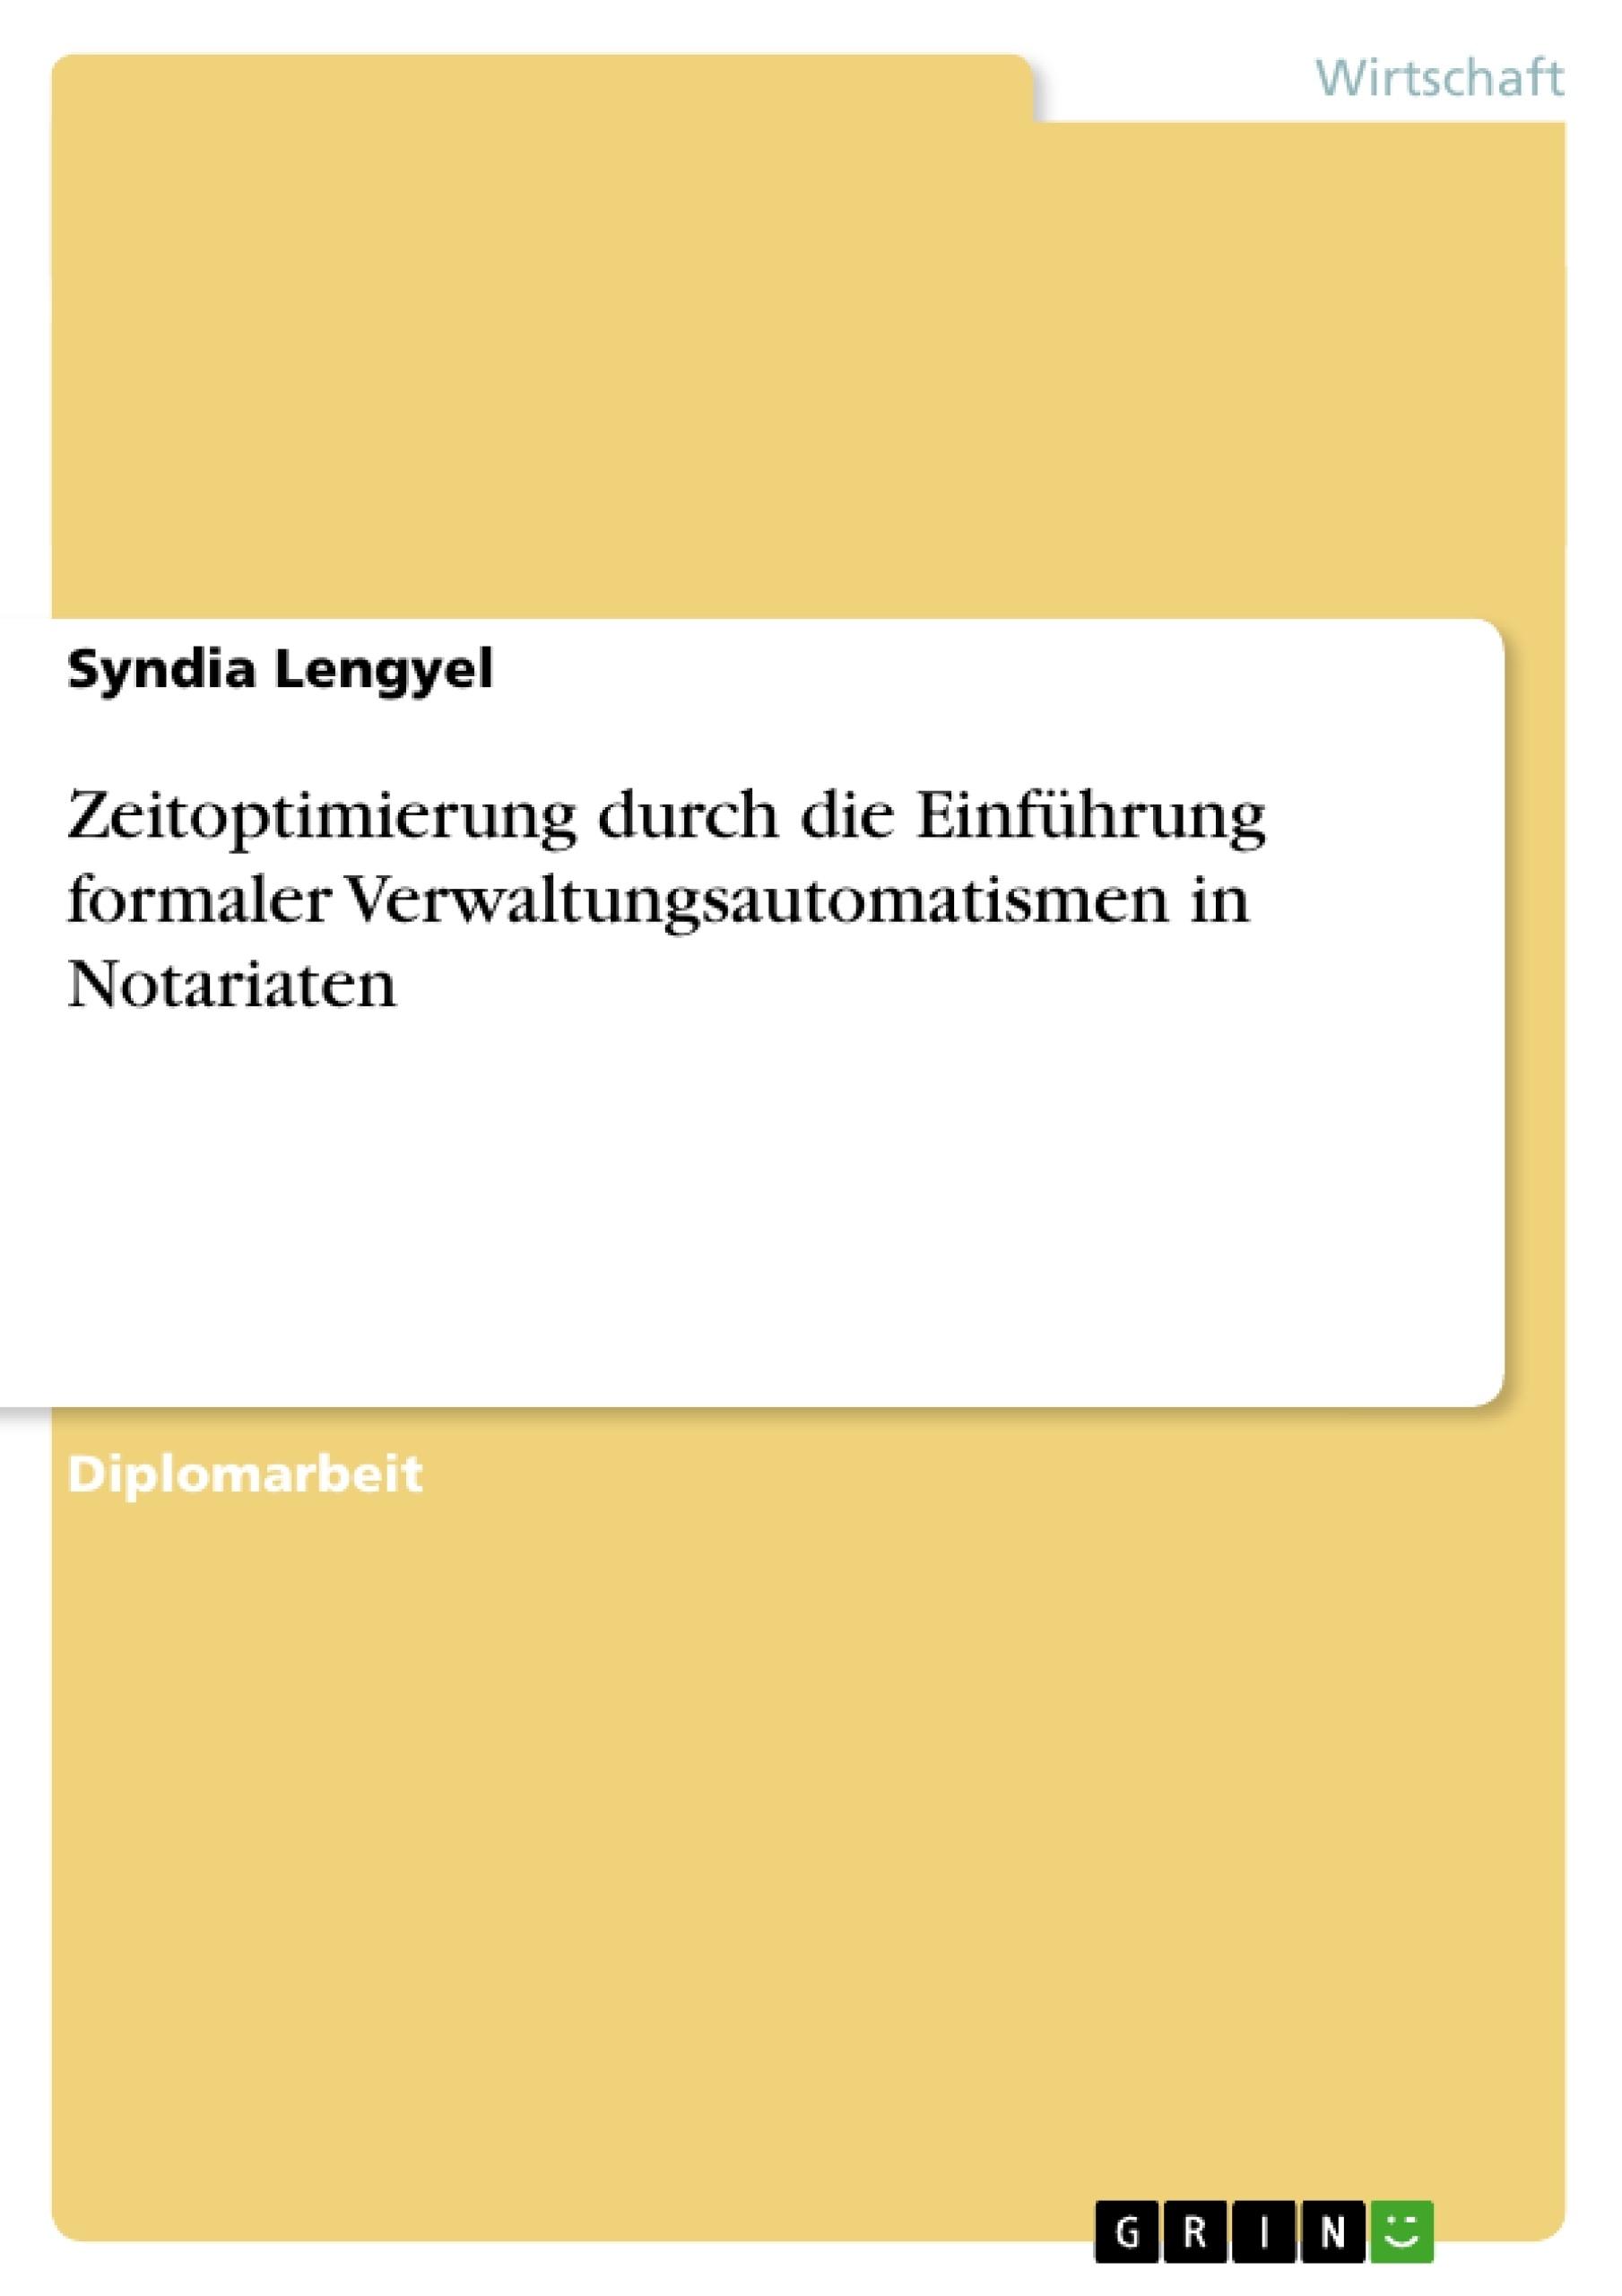 Titel: Zeitoptimierung durch die Einführung formaler Verwaltungsautomatismen in Notariaten